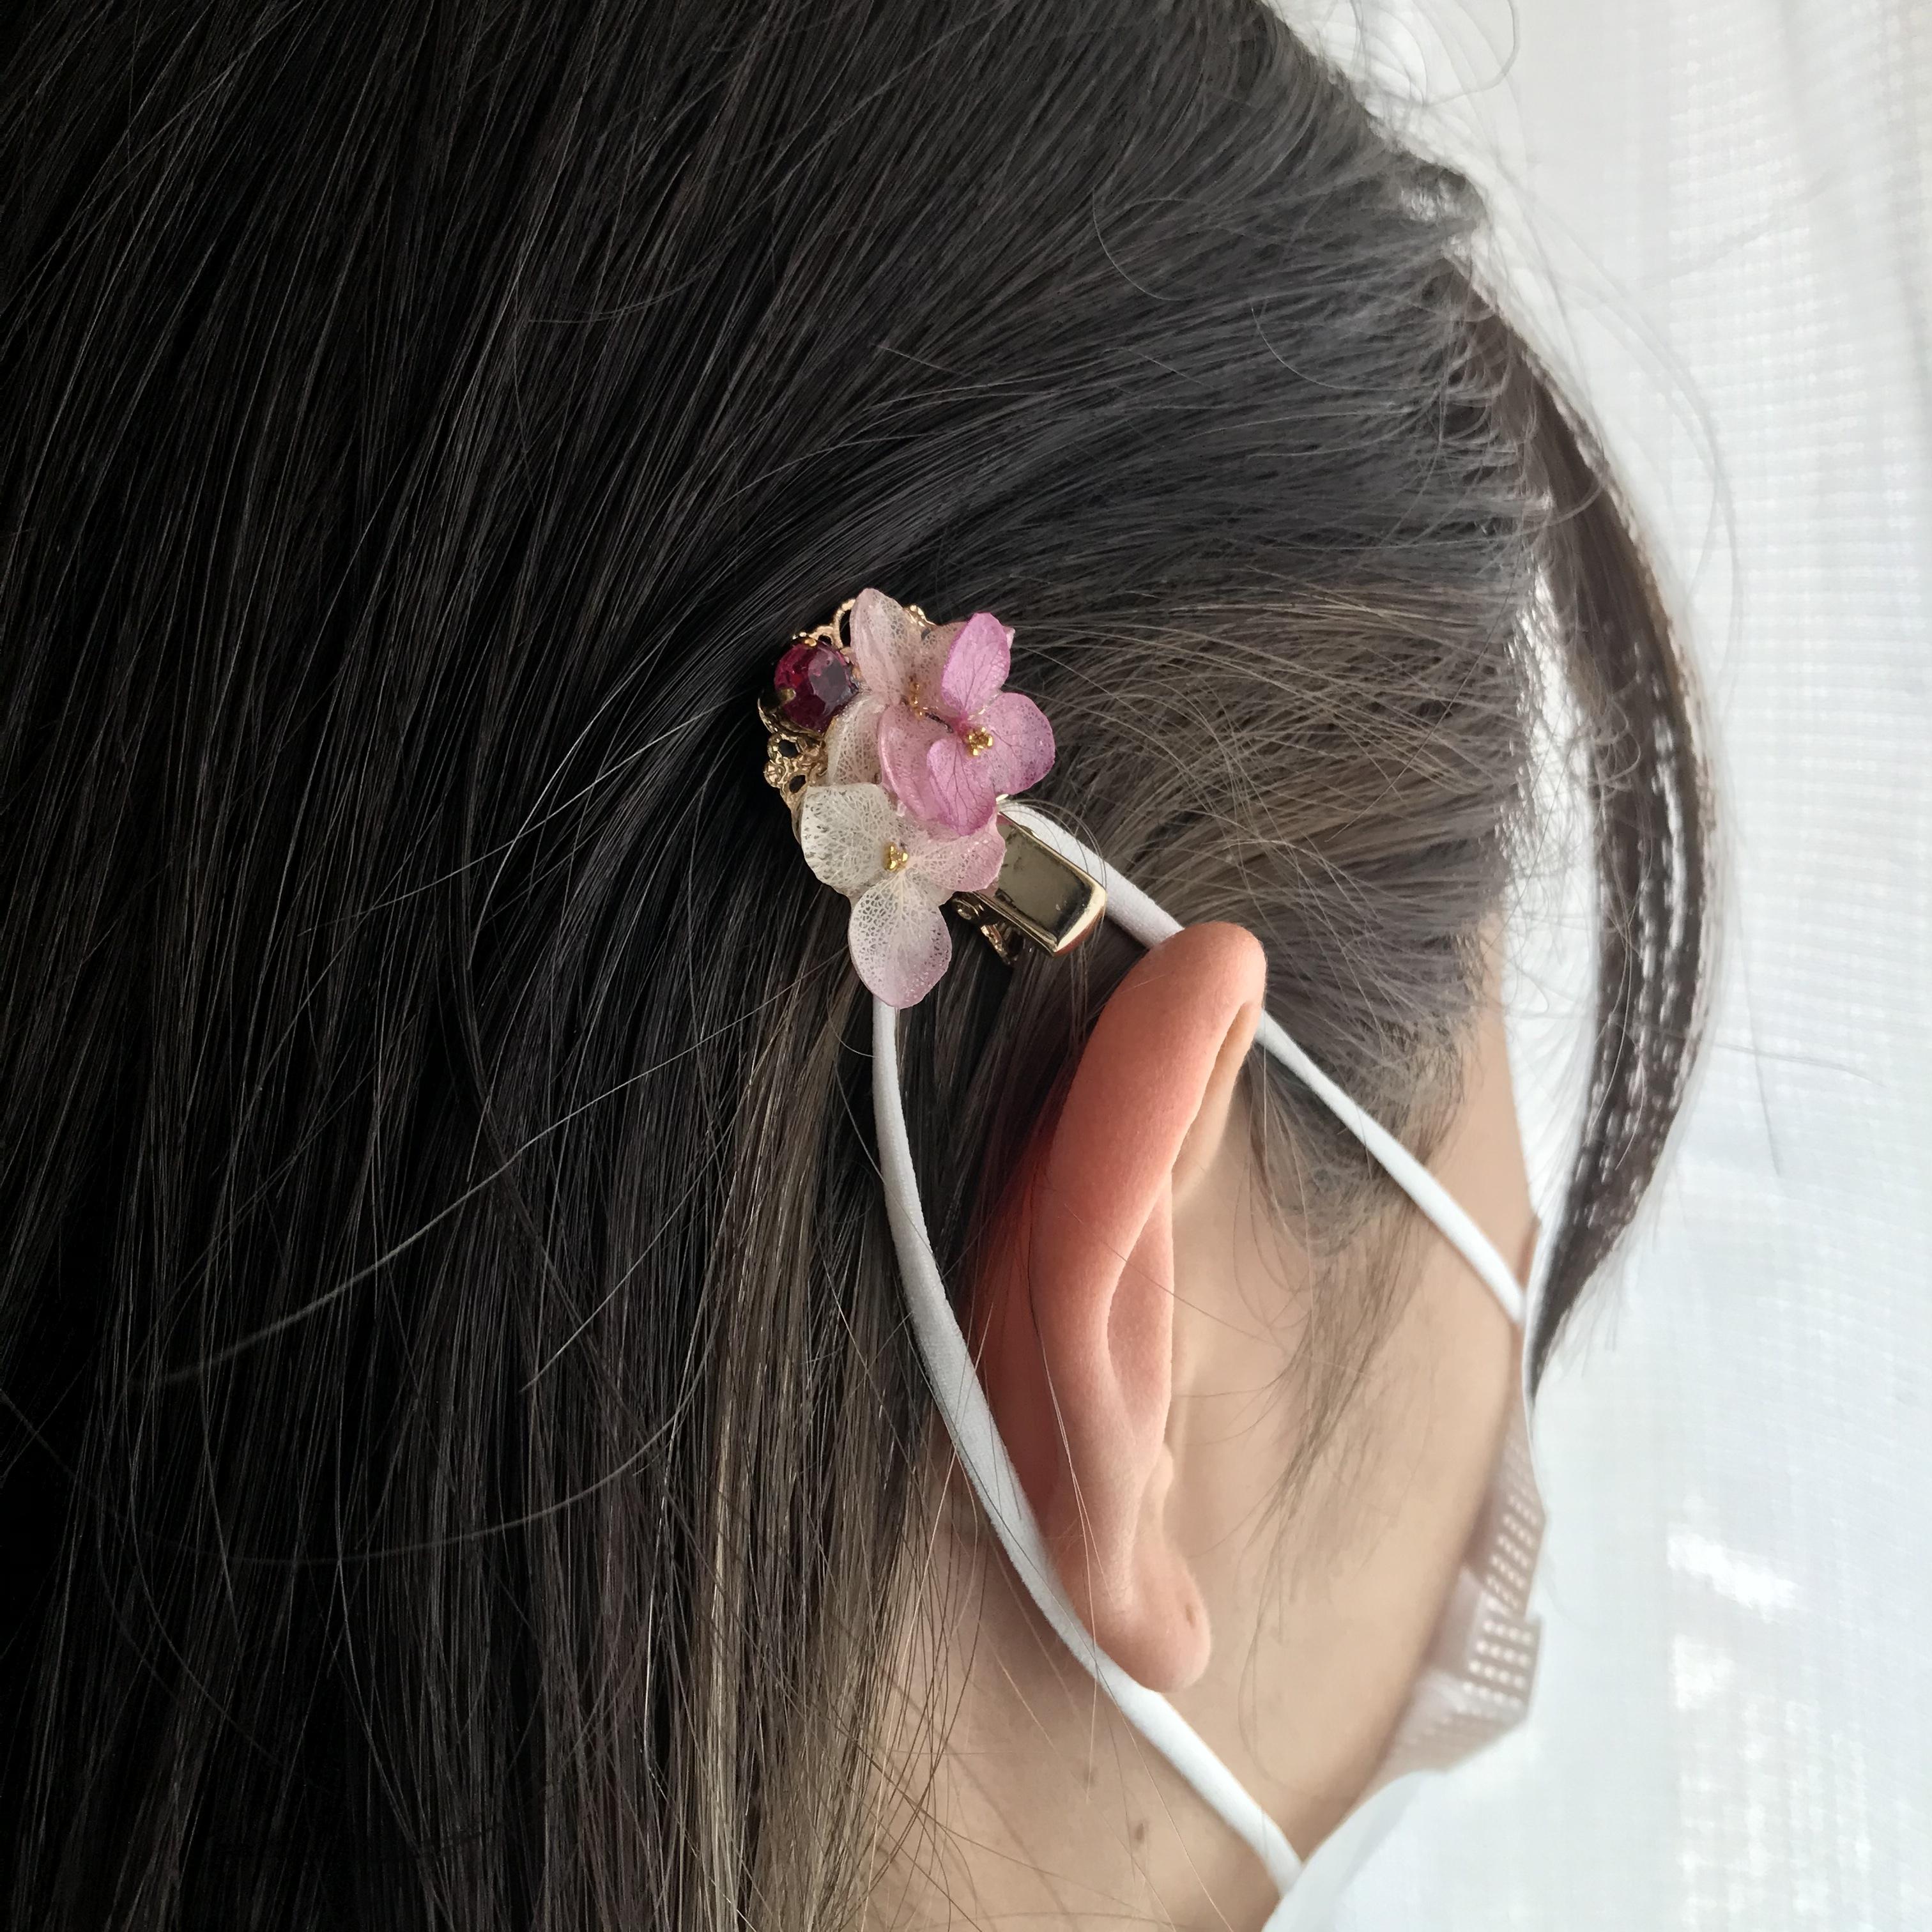 本物のお花❗️ミニクリップ*マスクゴム留め可能